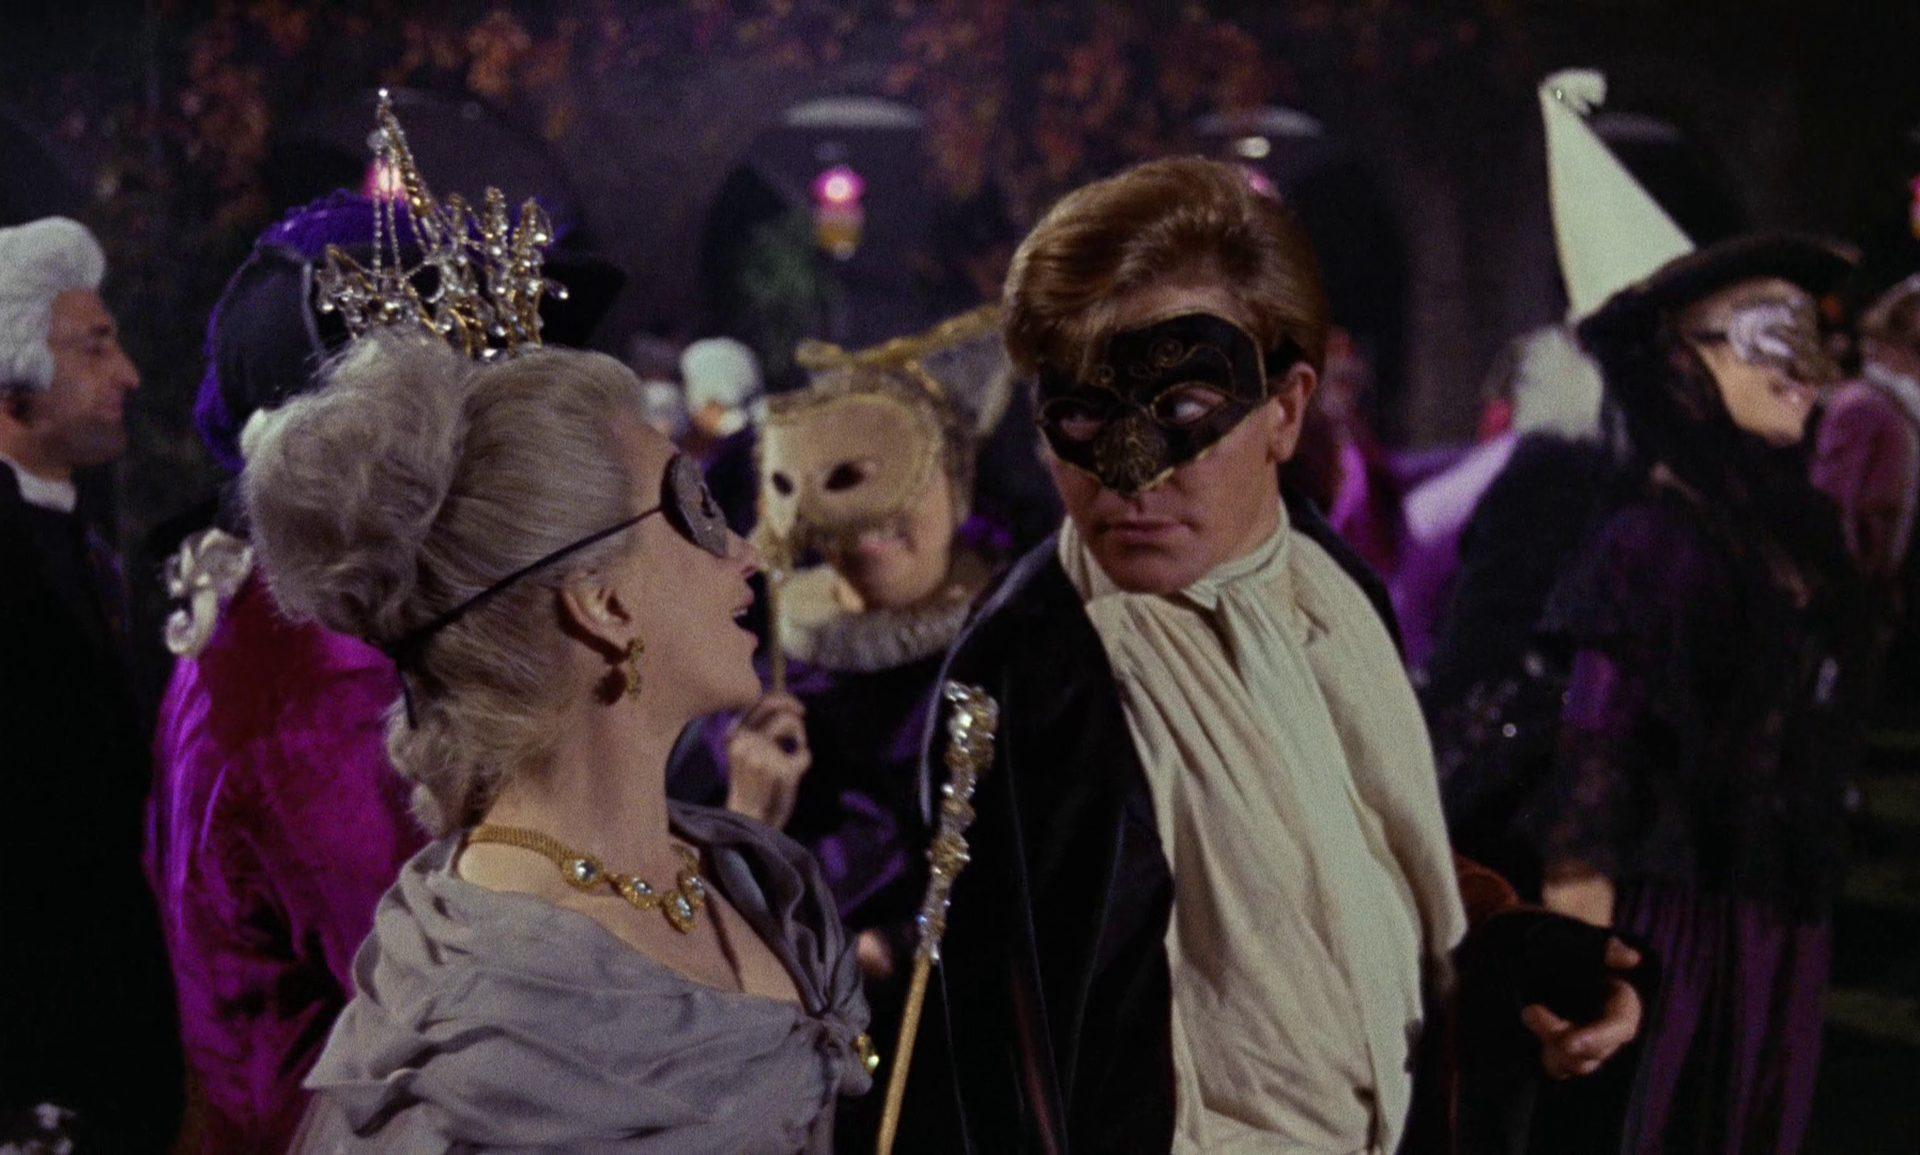 Tom Jones maskiert mit einer ebenfalls maskierten Dame im Trubel eines Maskenballs.